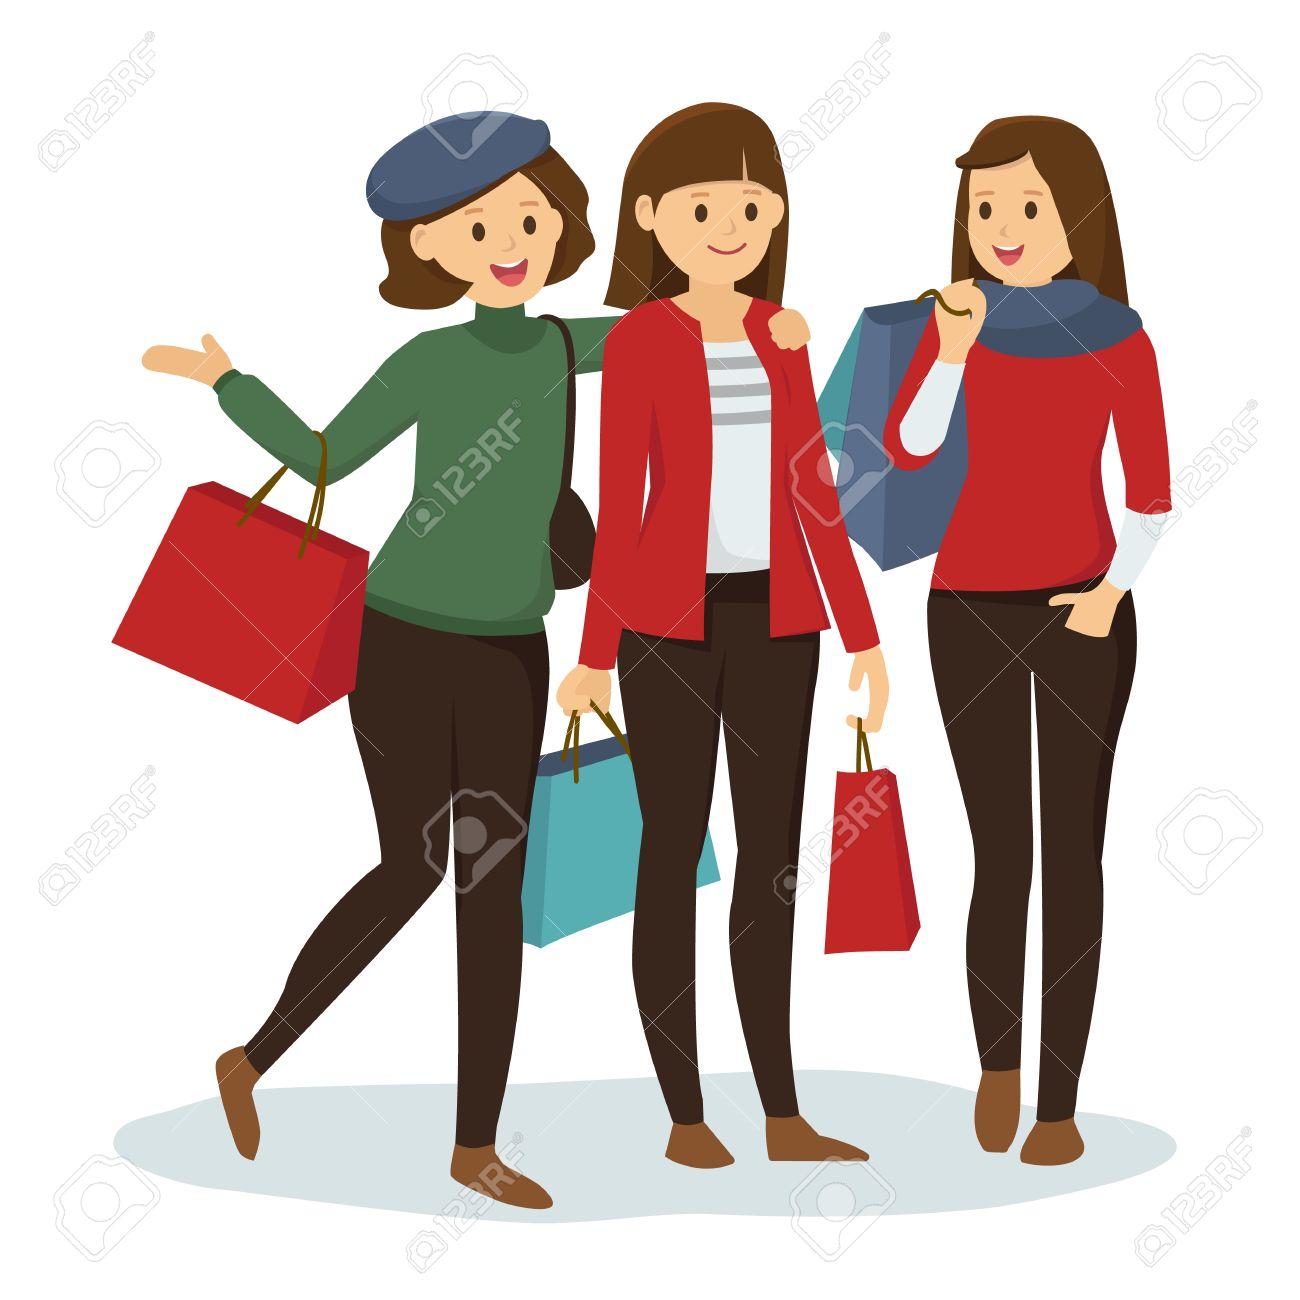 Gruppe Von Freundinnen Einkaufen Gehen Für Weihnachten Lizenzfrei ...